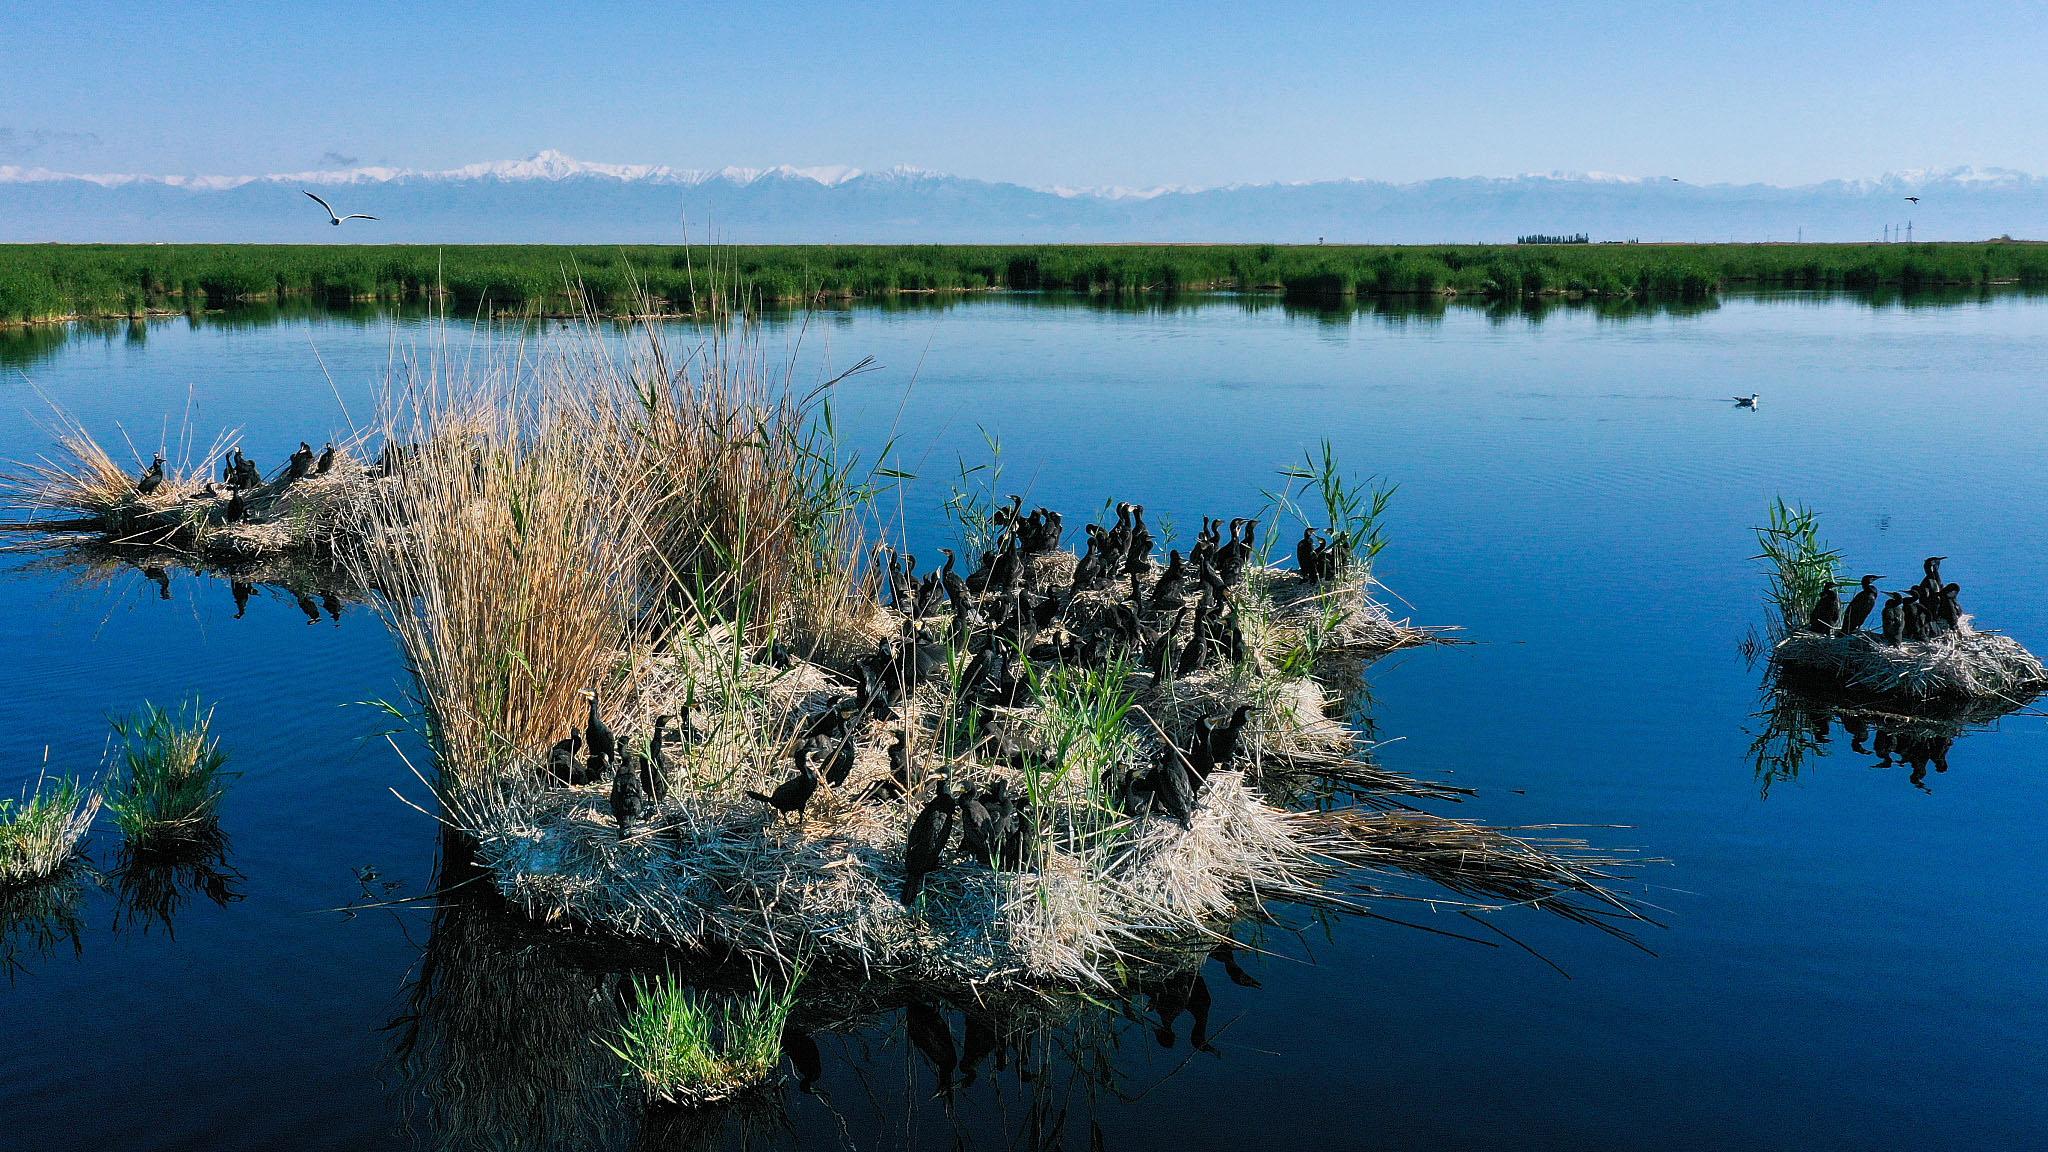 Waterfowl flock to Bosten Lake in NW China's Xinjiang